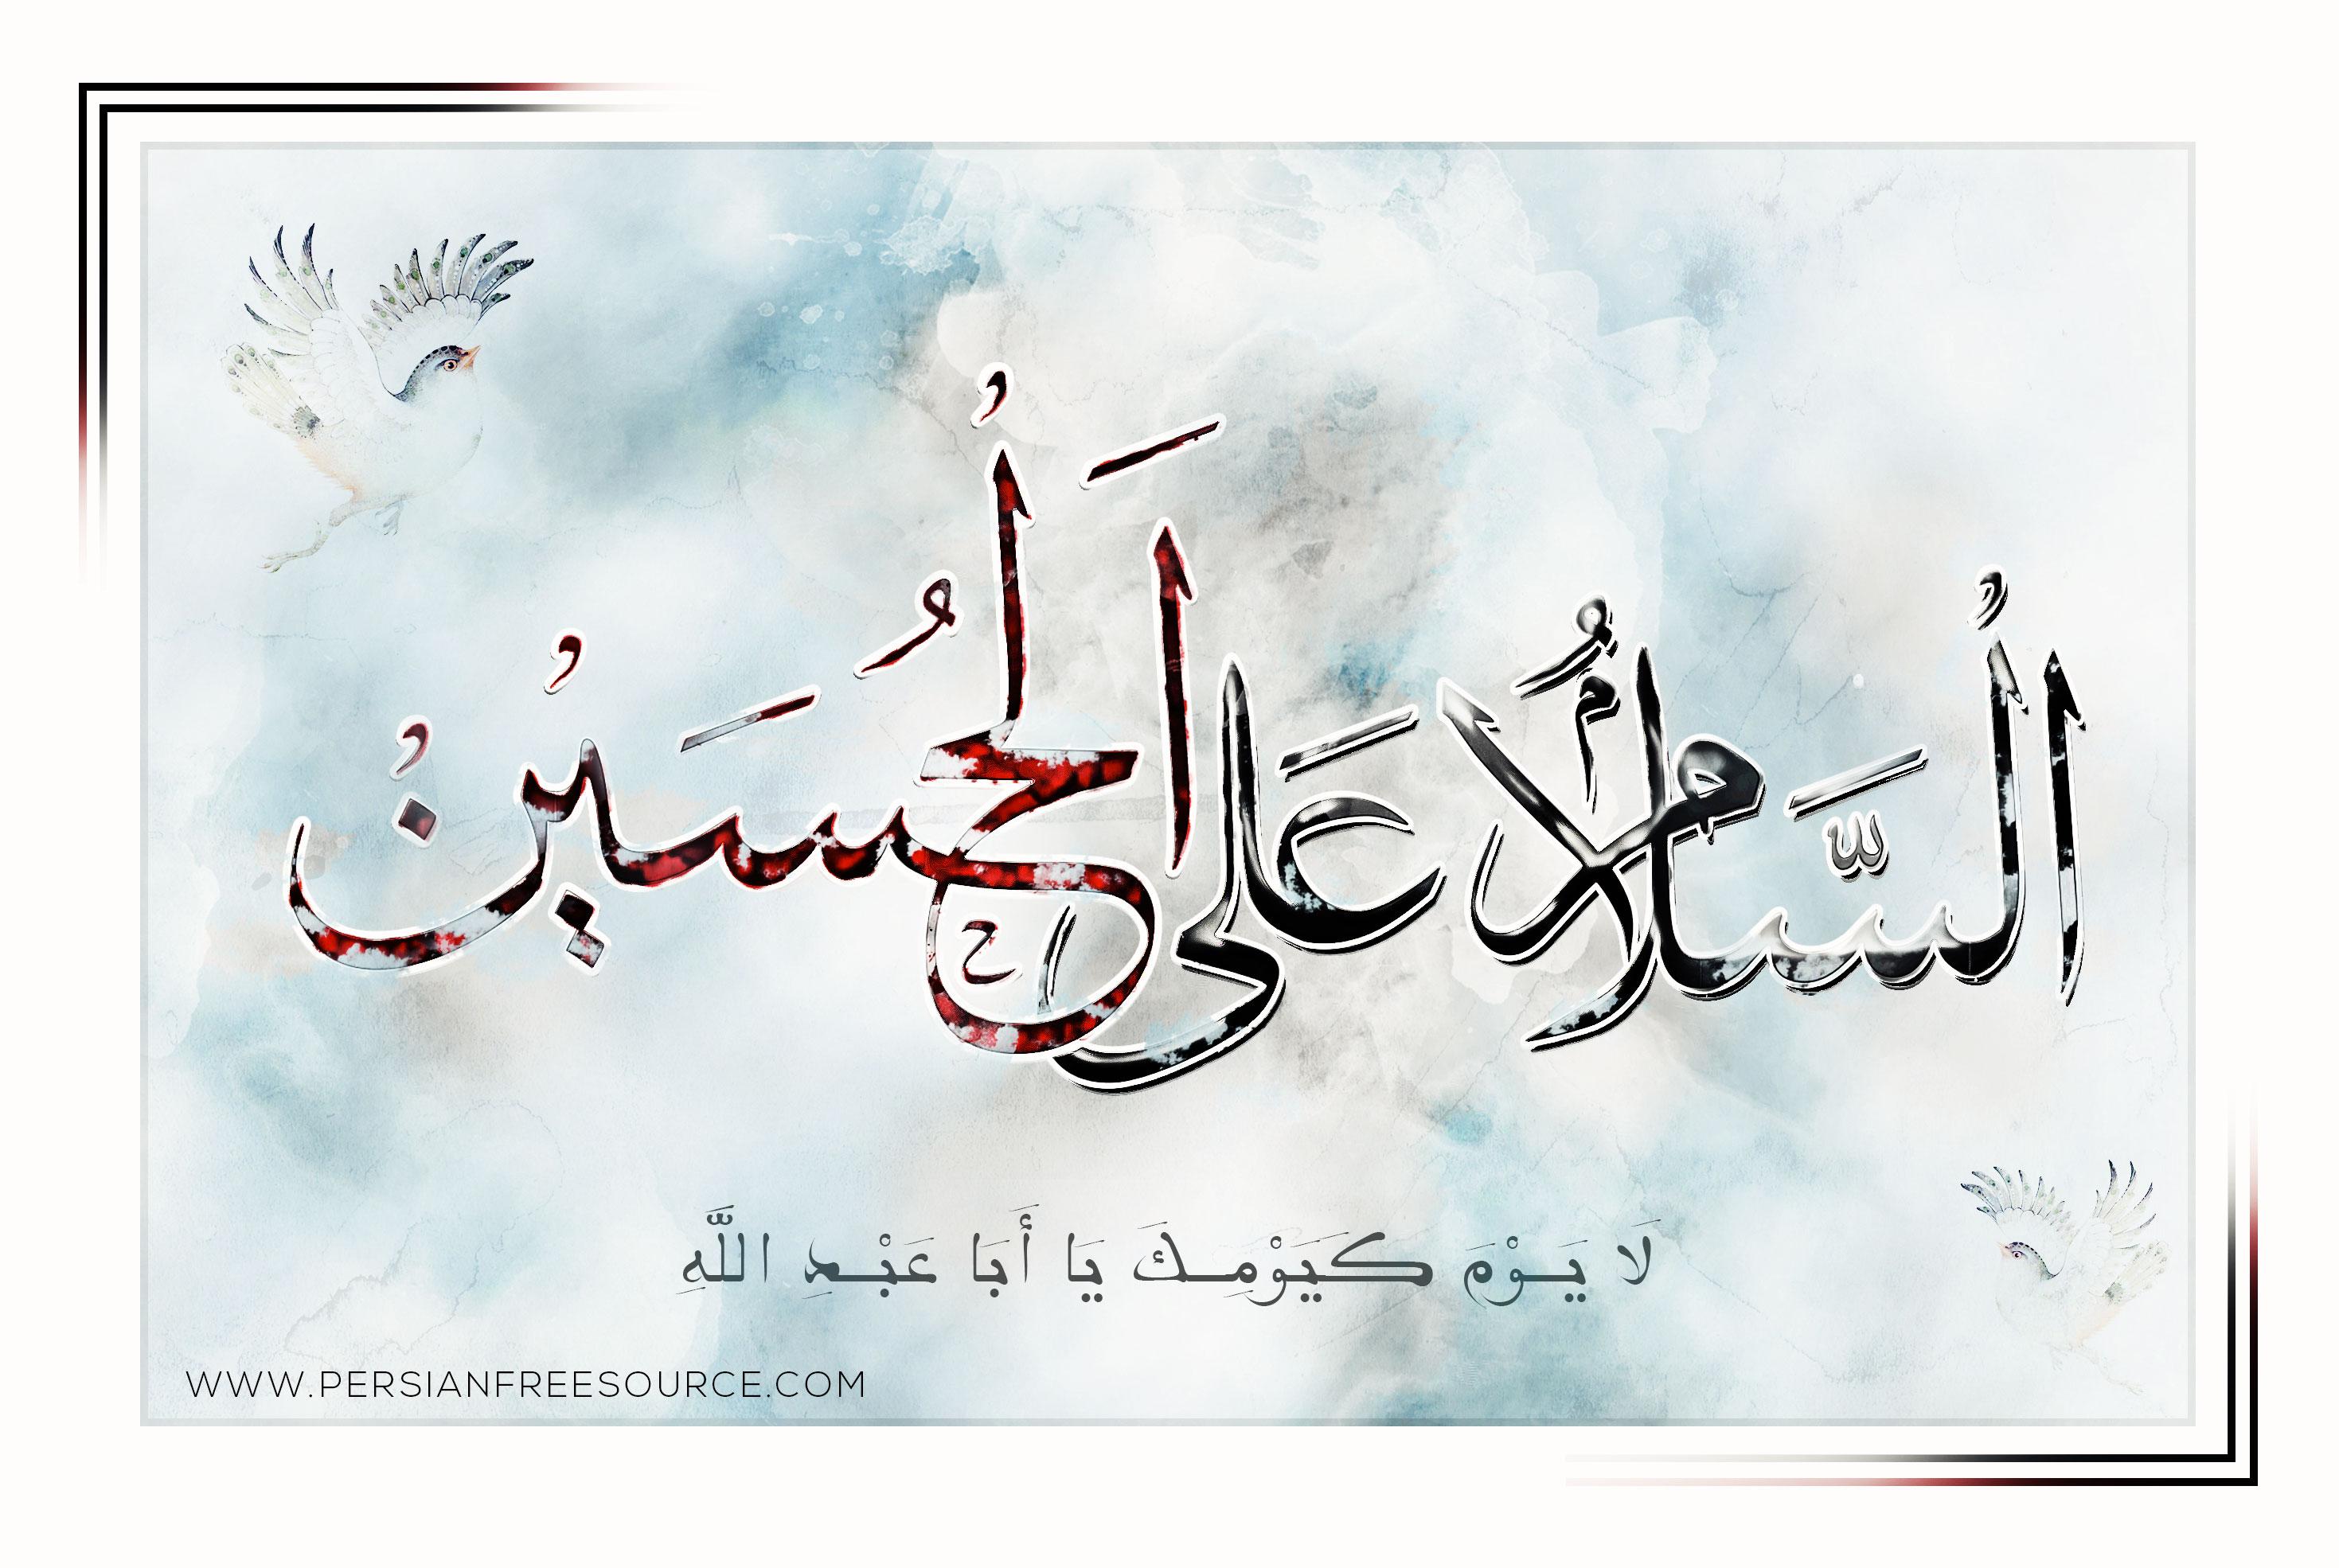 دانلود فایل لایه باز پوستر امام حسین (علیه السلام)